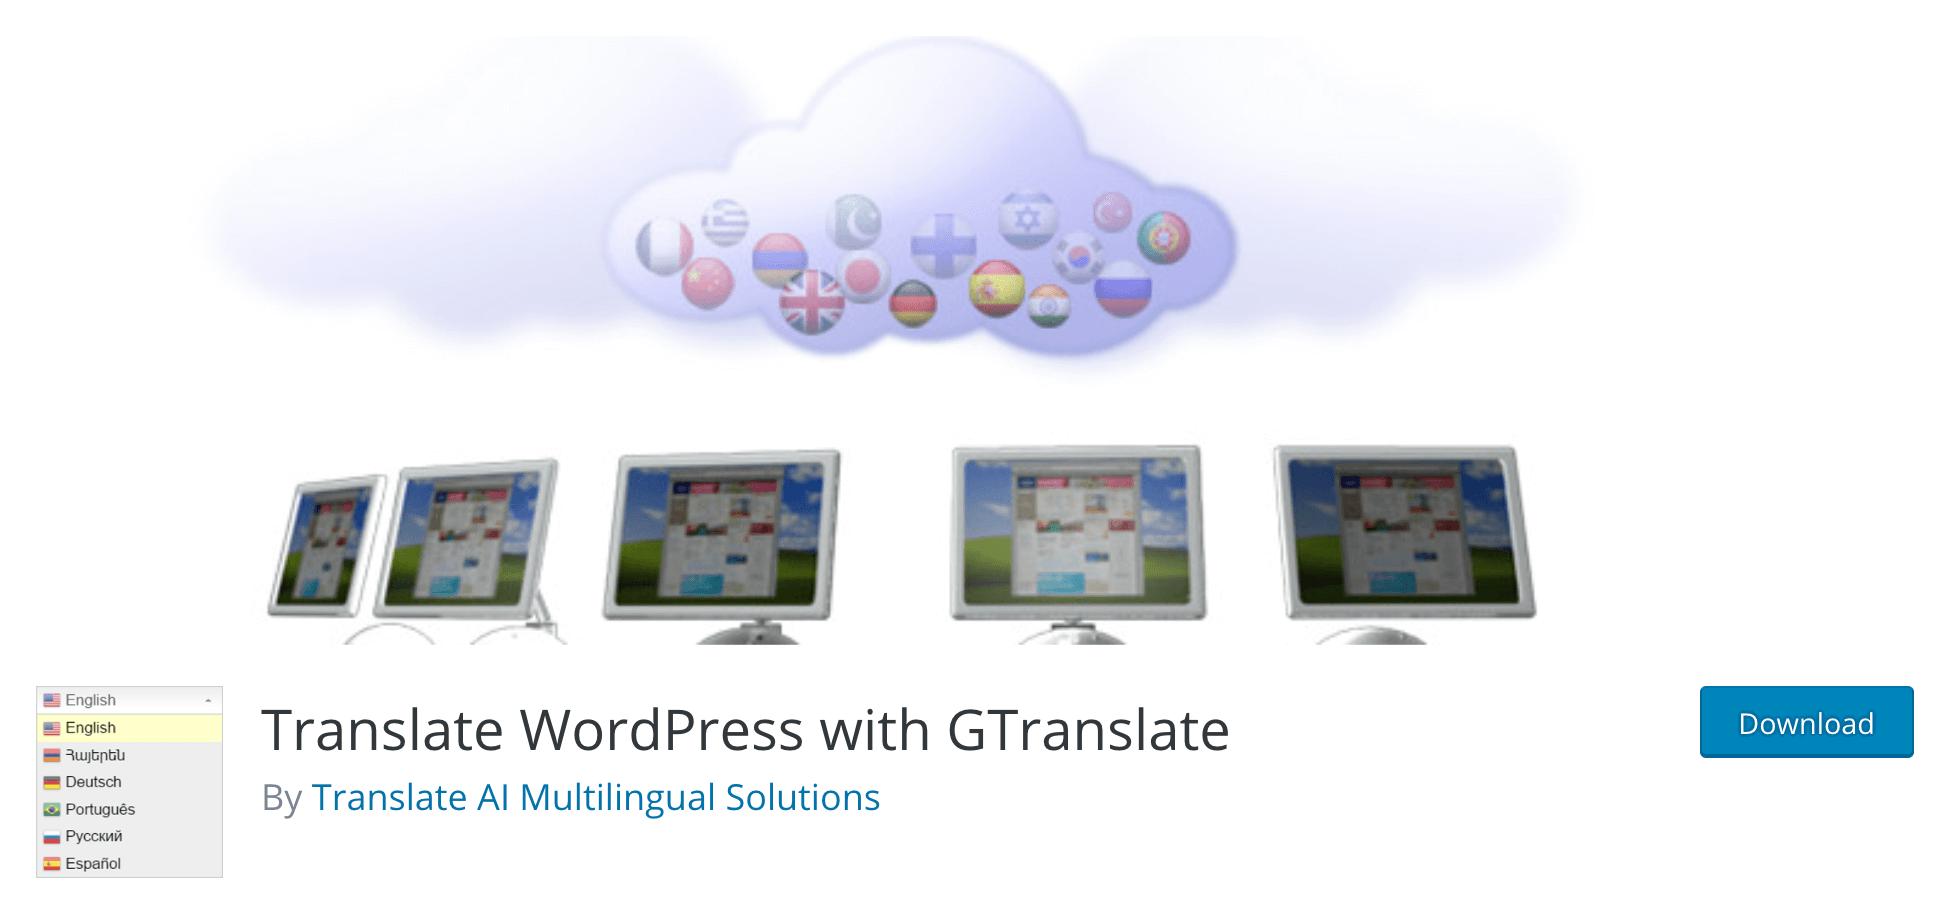 The GTranslate plugin.